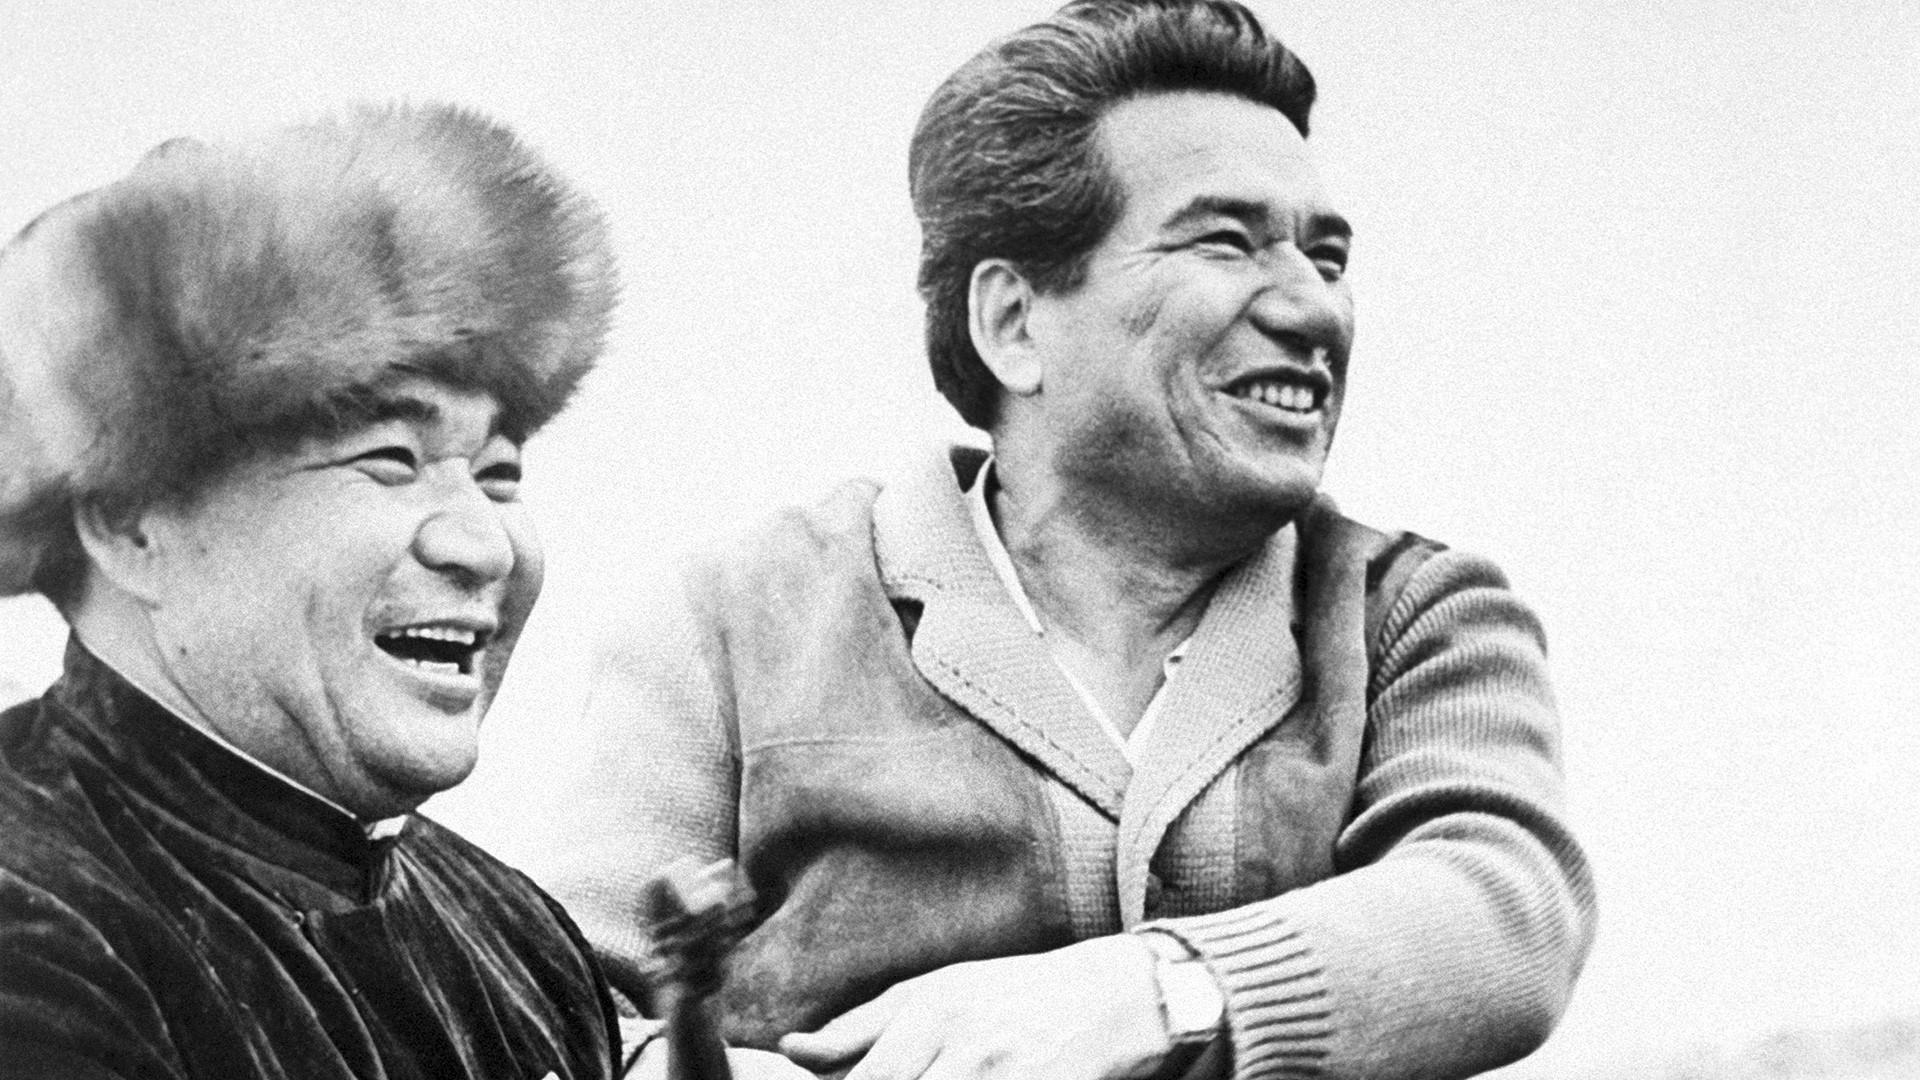 Tchinguiz Aitmatov (dir.) com um morador local no Quirguistão, 1973.